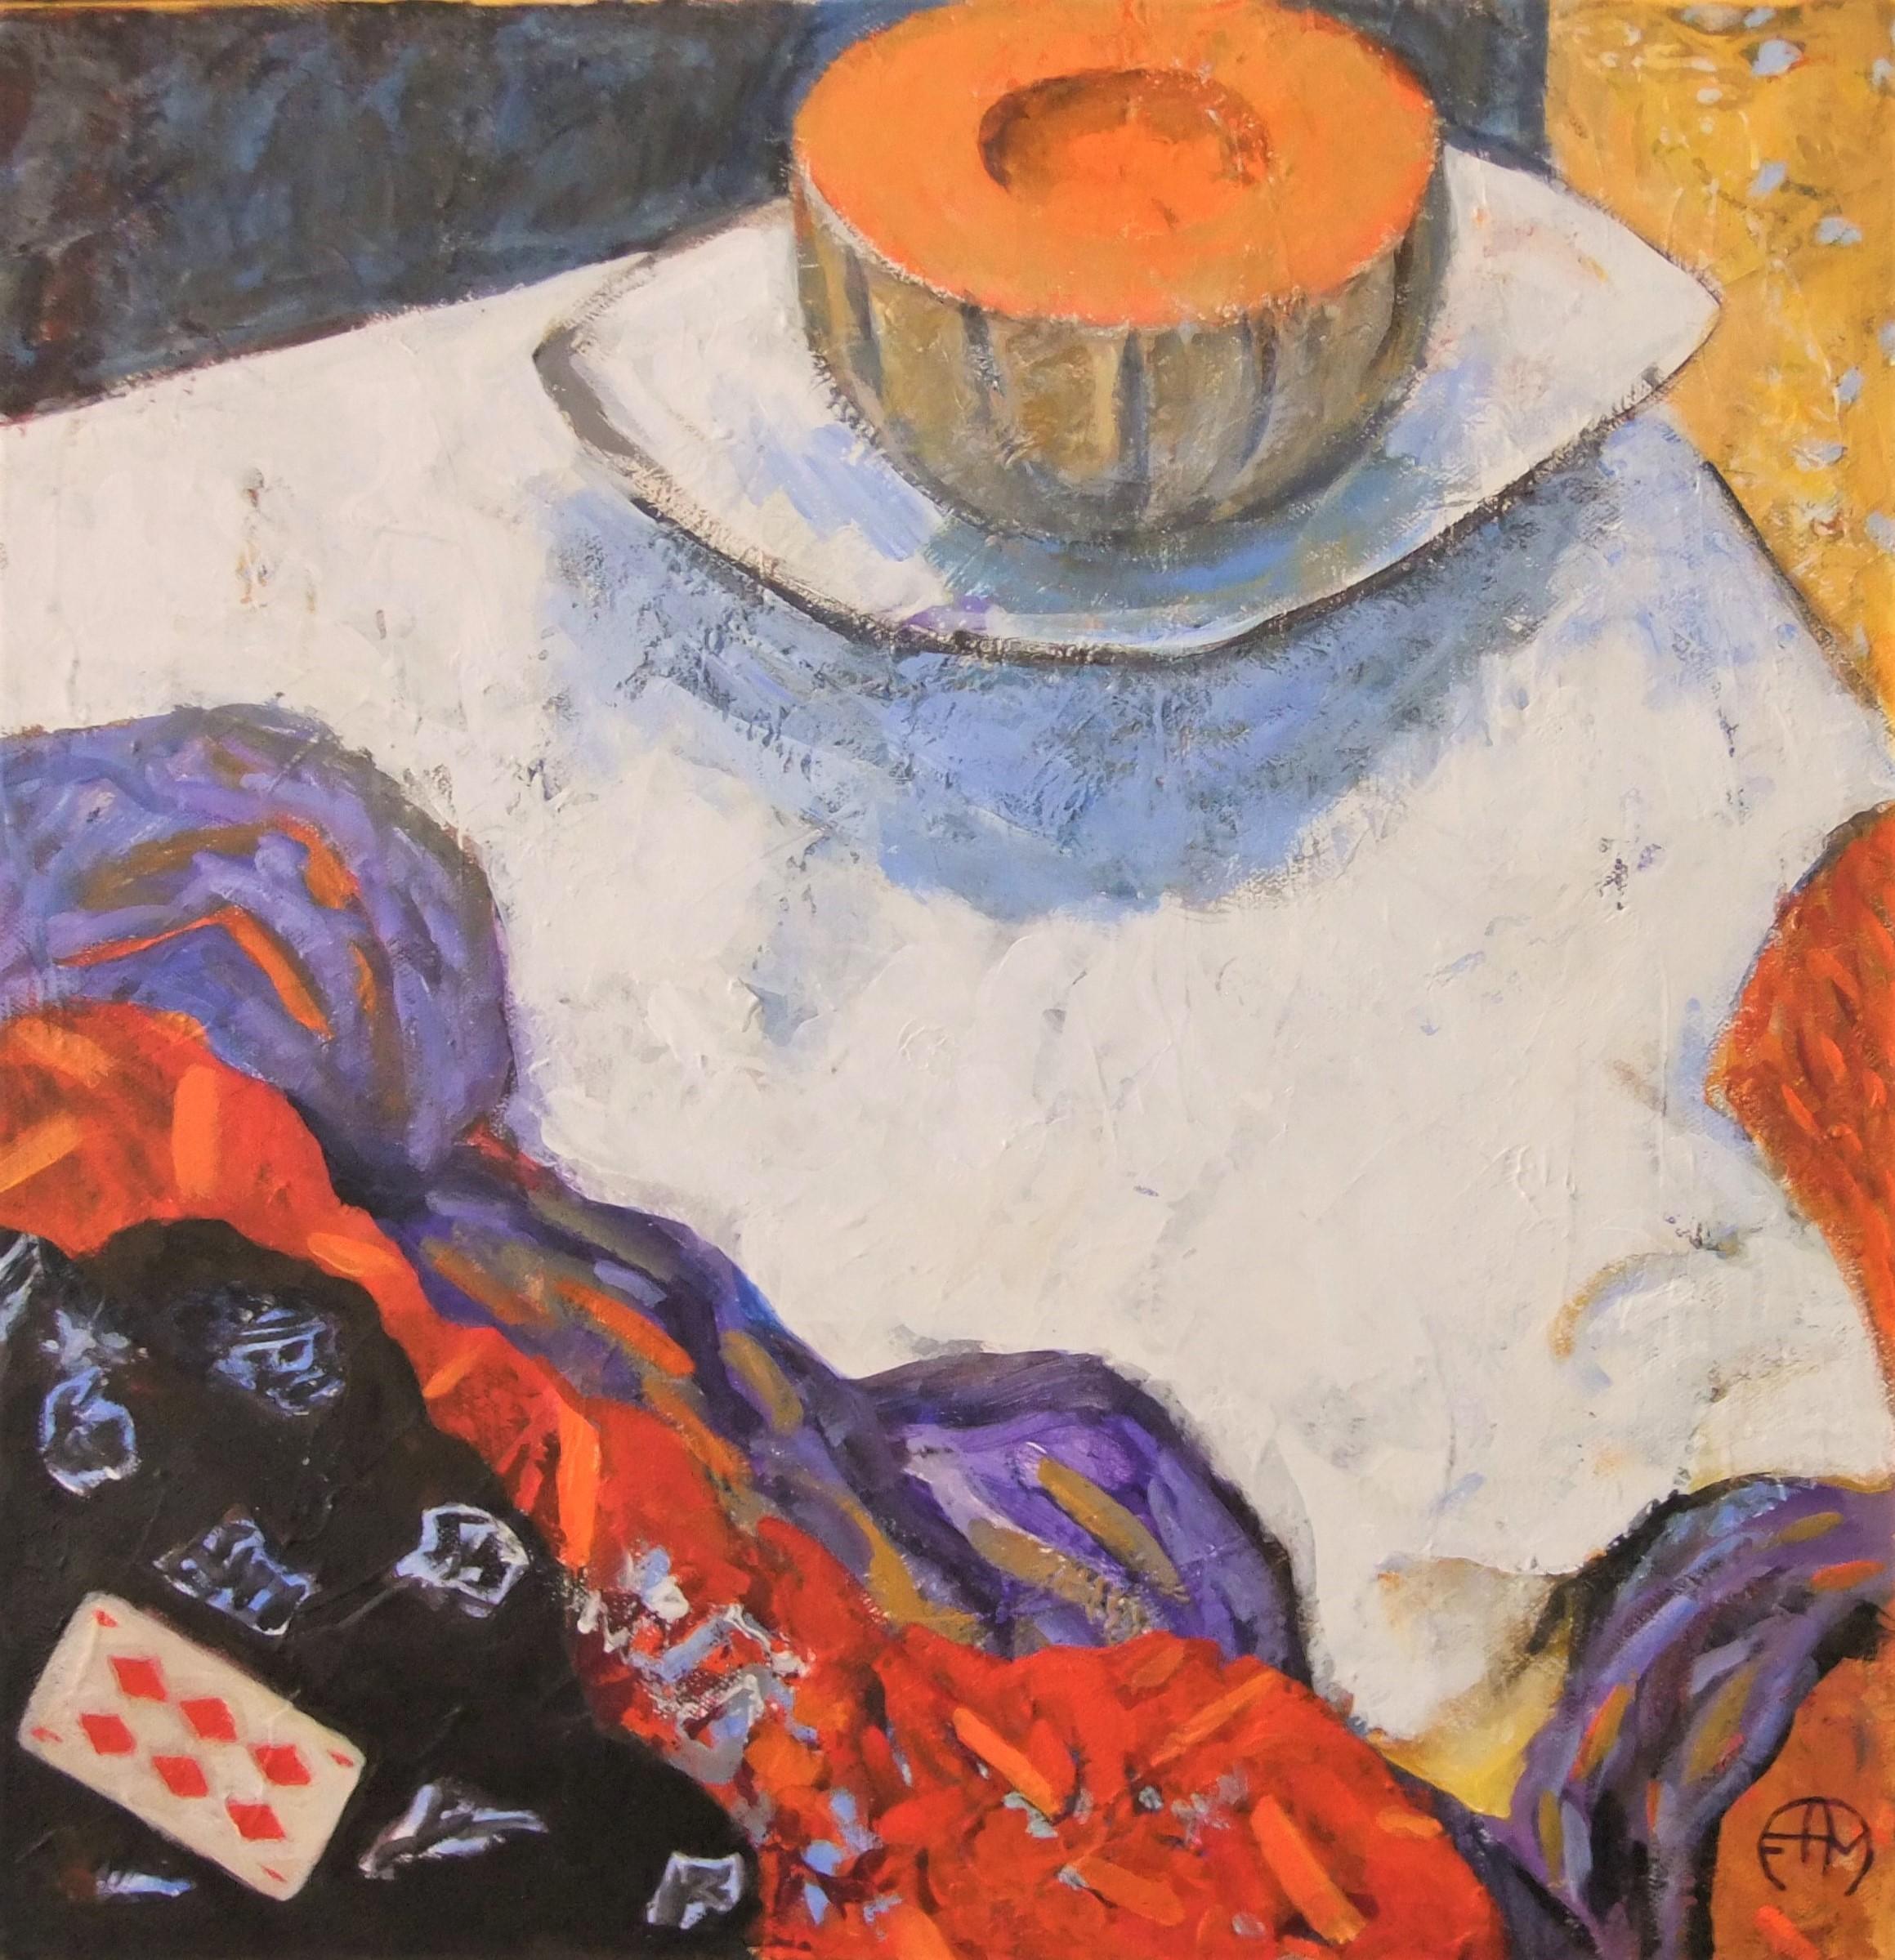 Françoise AYME-MARTIN Le melon, peinture acrylique sur toile, avril 2020